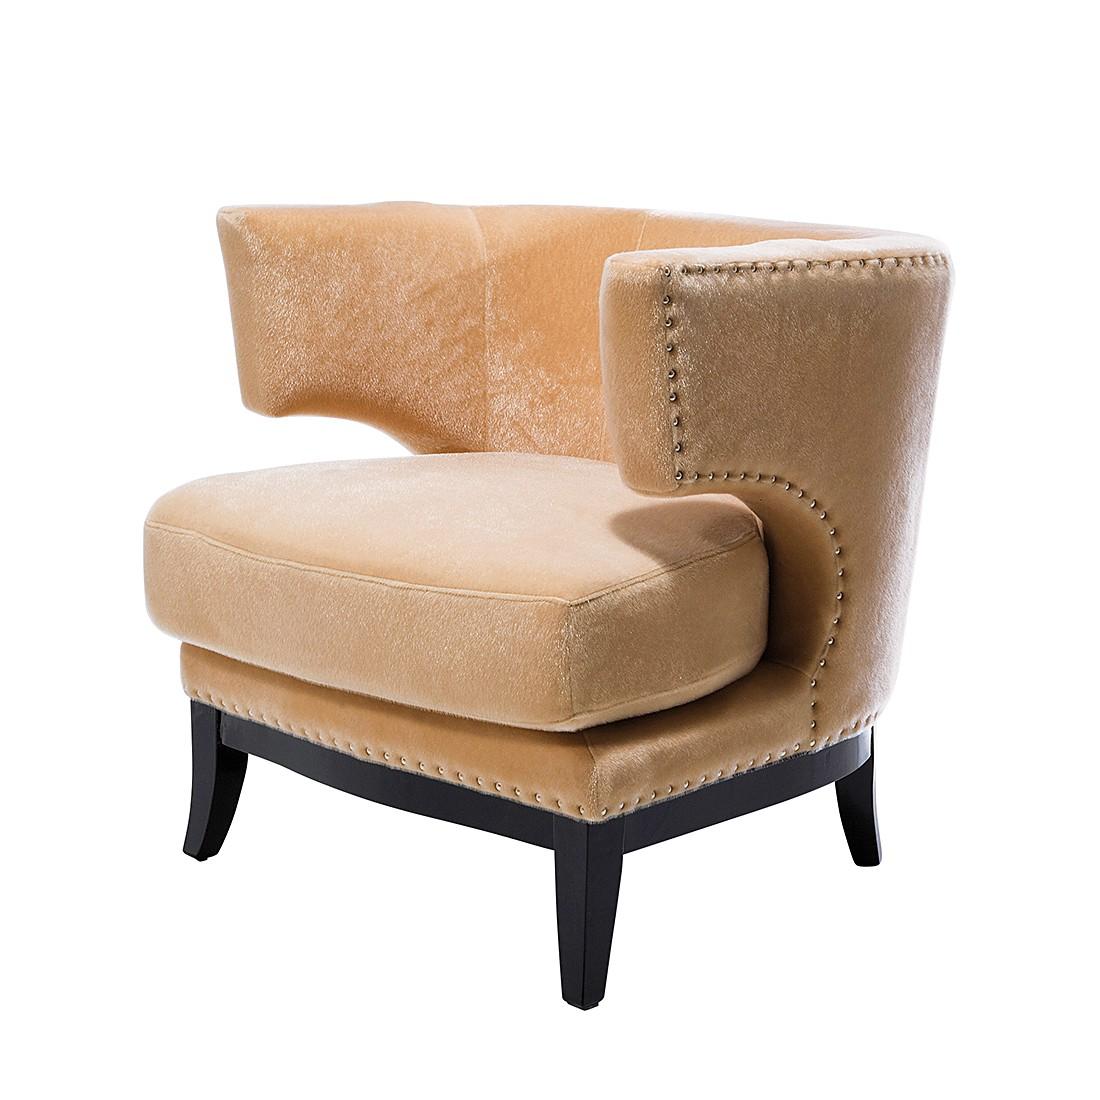 Sessel Art Deco - Velours Beige, Kare Design